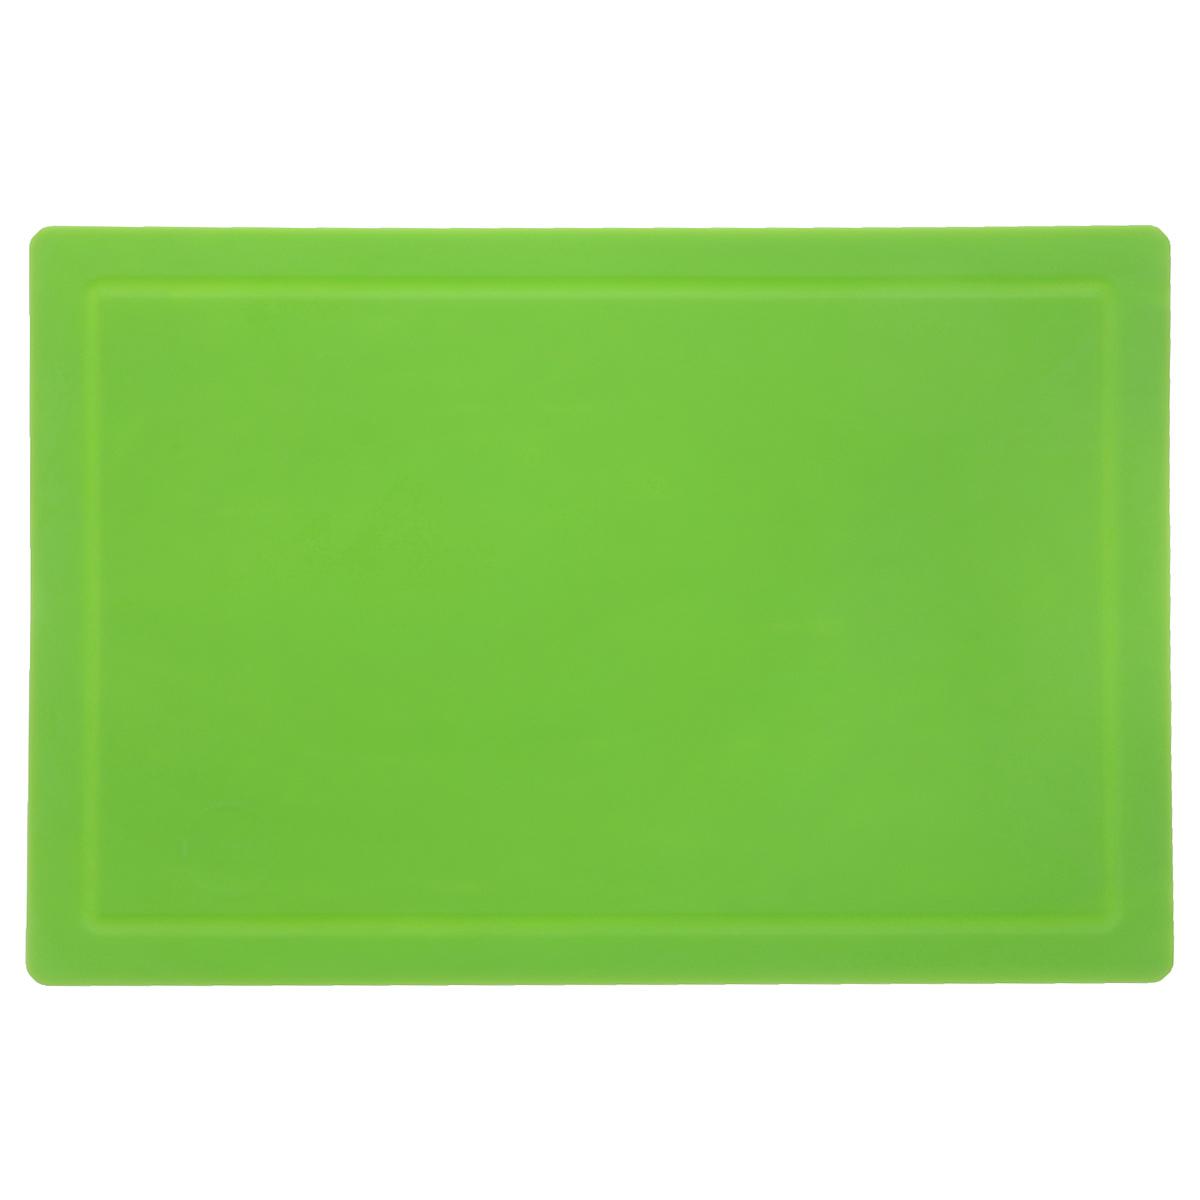 Доска разделочная TimA, цвет: зеленый, 36 см х 25 смДРГ-3625Гибкая разделочная доска TimA, изготовленная из высококачественного полиуретана, займет достойное место среди аксессуаров на вашей кухне. Благодаря гибкости, с доски удобно высыпать нарезанные продукты. Она не тупит металлические и керамические ножи. Не впитывает влагу и легко моется. Обладает исключительной прочностью и износостойкостью. Доска TimA прекрасно подойдет для нарезки любых продуктов.